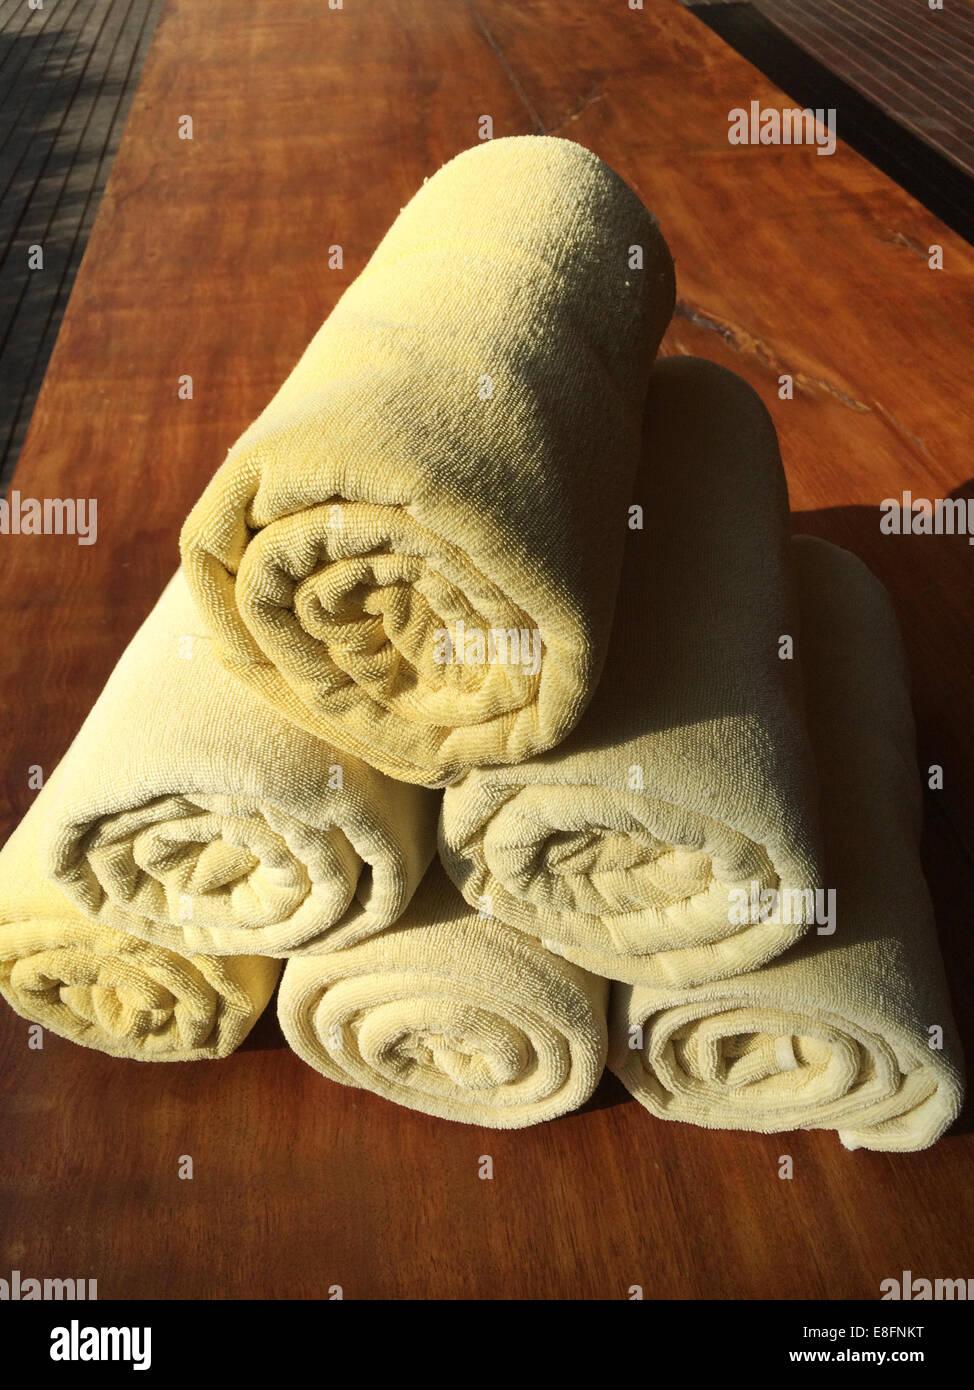 Toallas enrolladas sobre mesa de madera Foto de stock